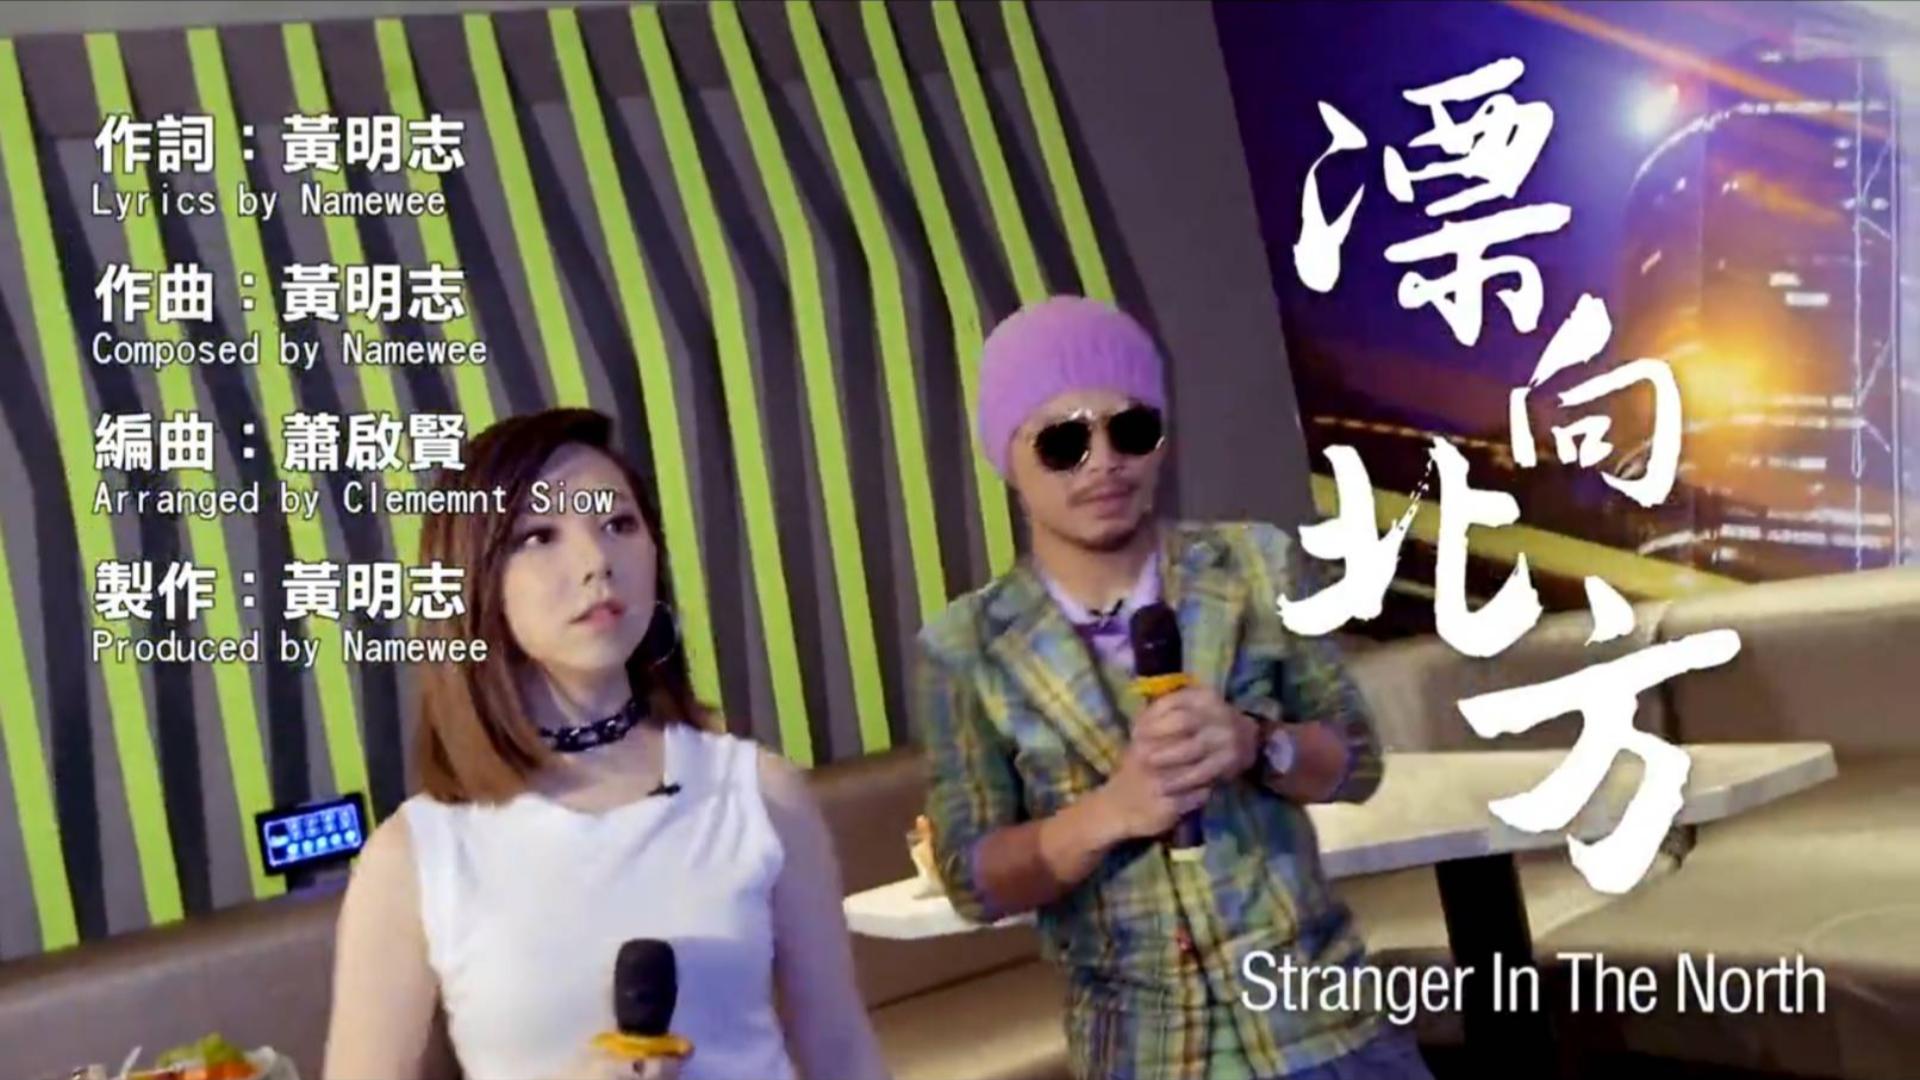 邓紫棋&黄明志 - 飘向北方